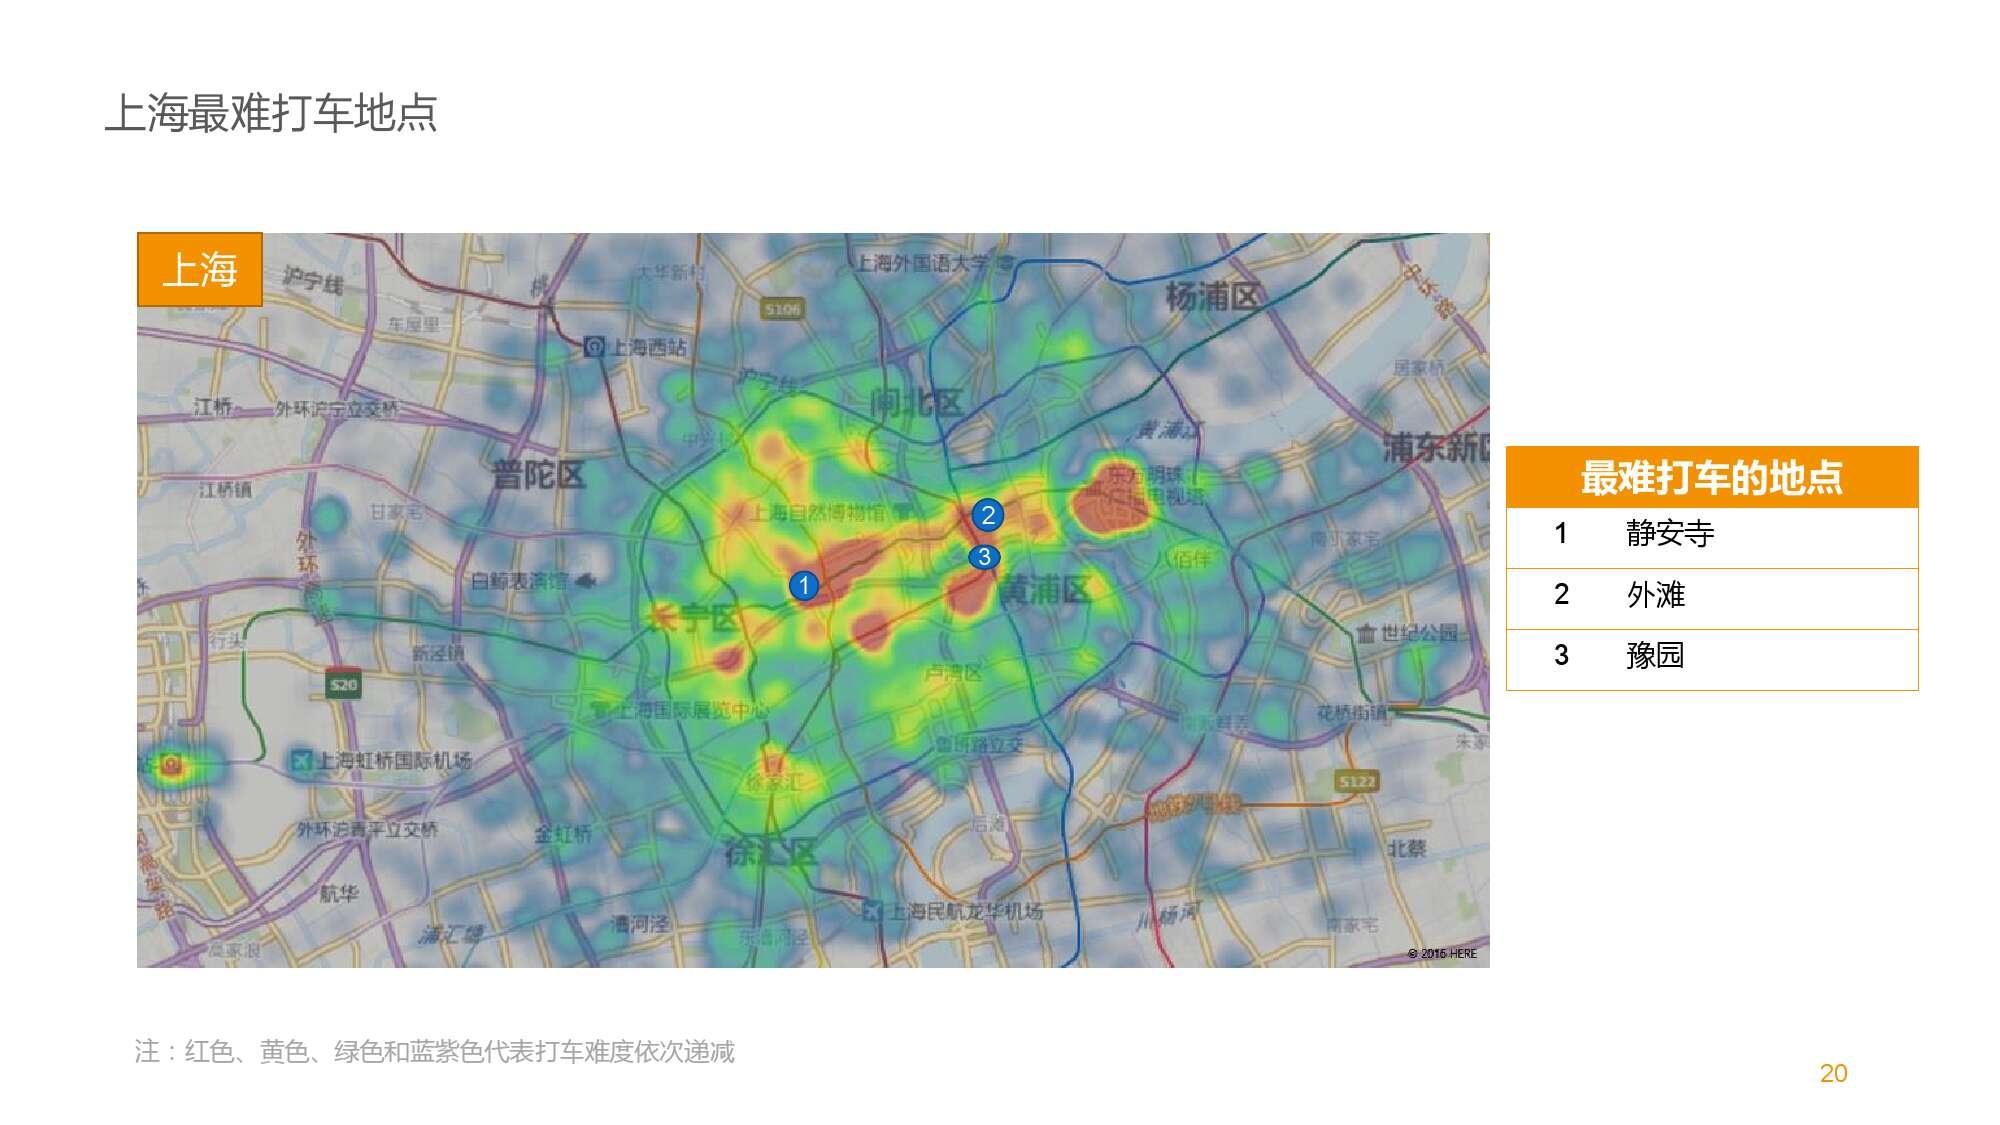 中国智能出行2015大数据报告_000020